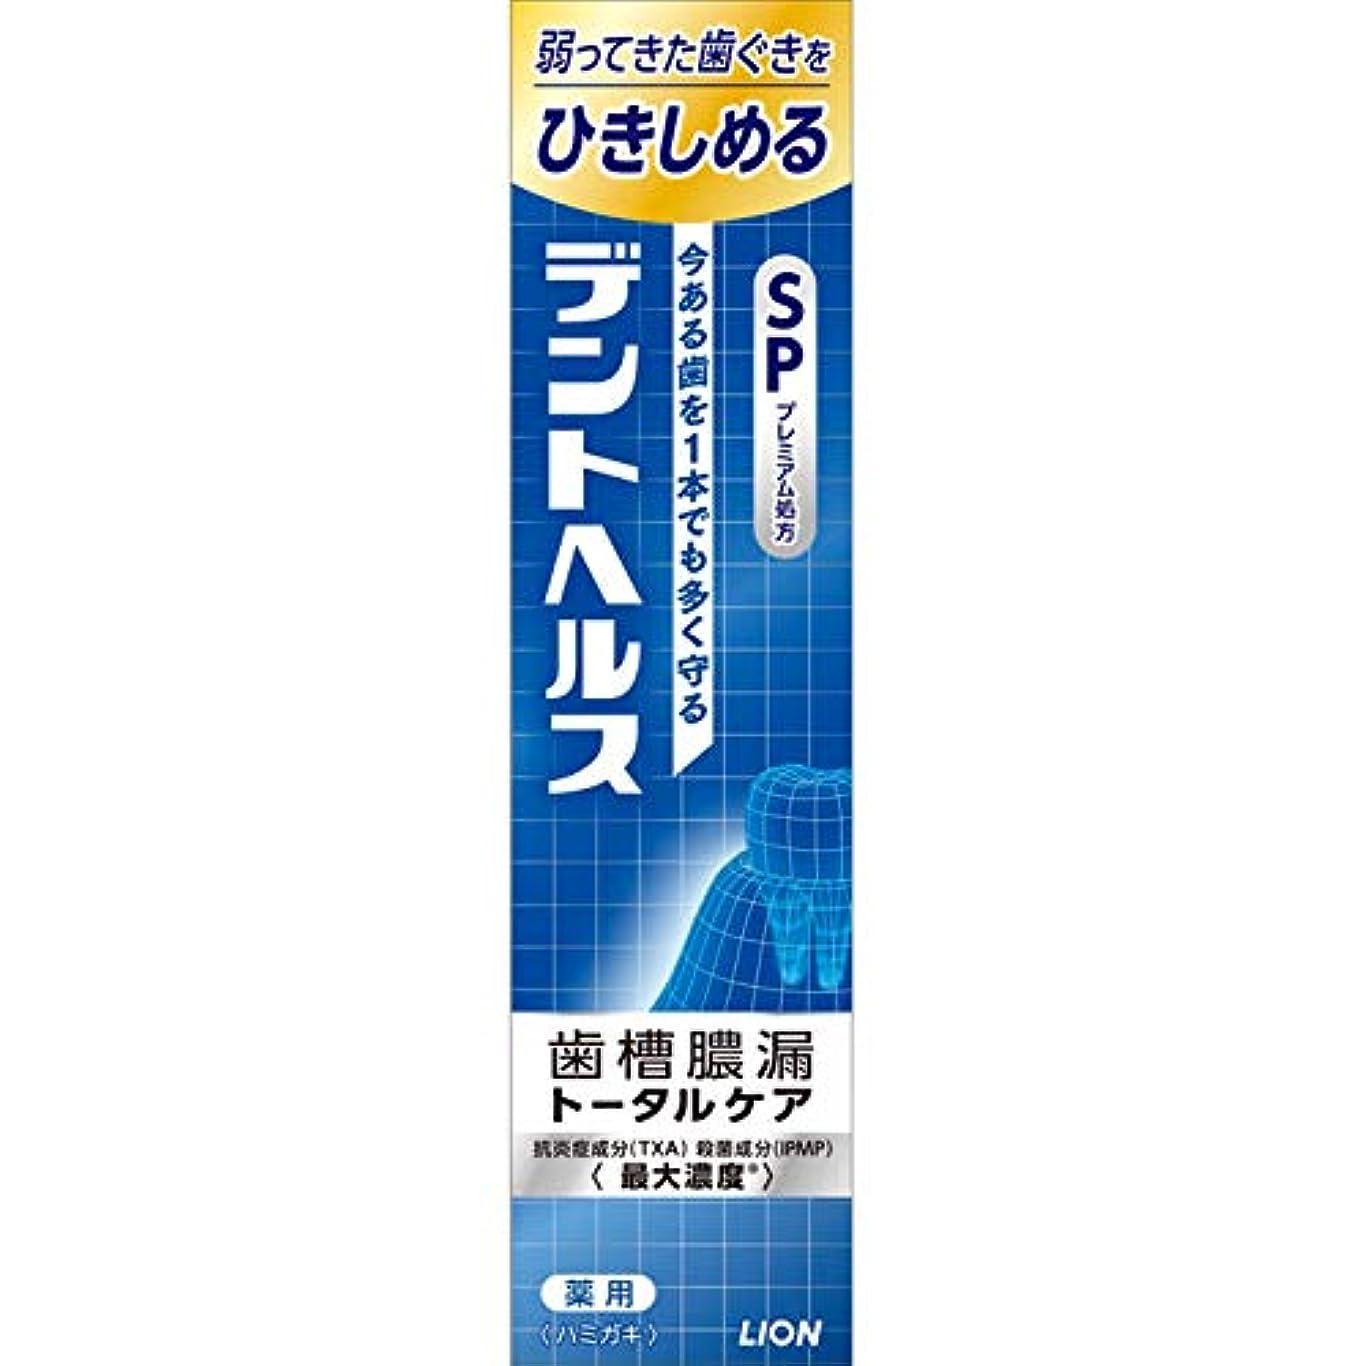 ラフ睡眠敵意バクテリアライオン デントヘルス 薬用ハミガキ SP 120g (医薬部外品)